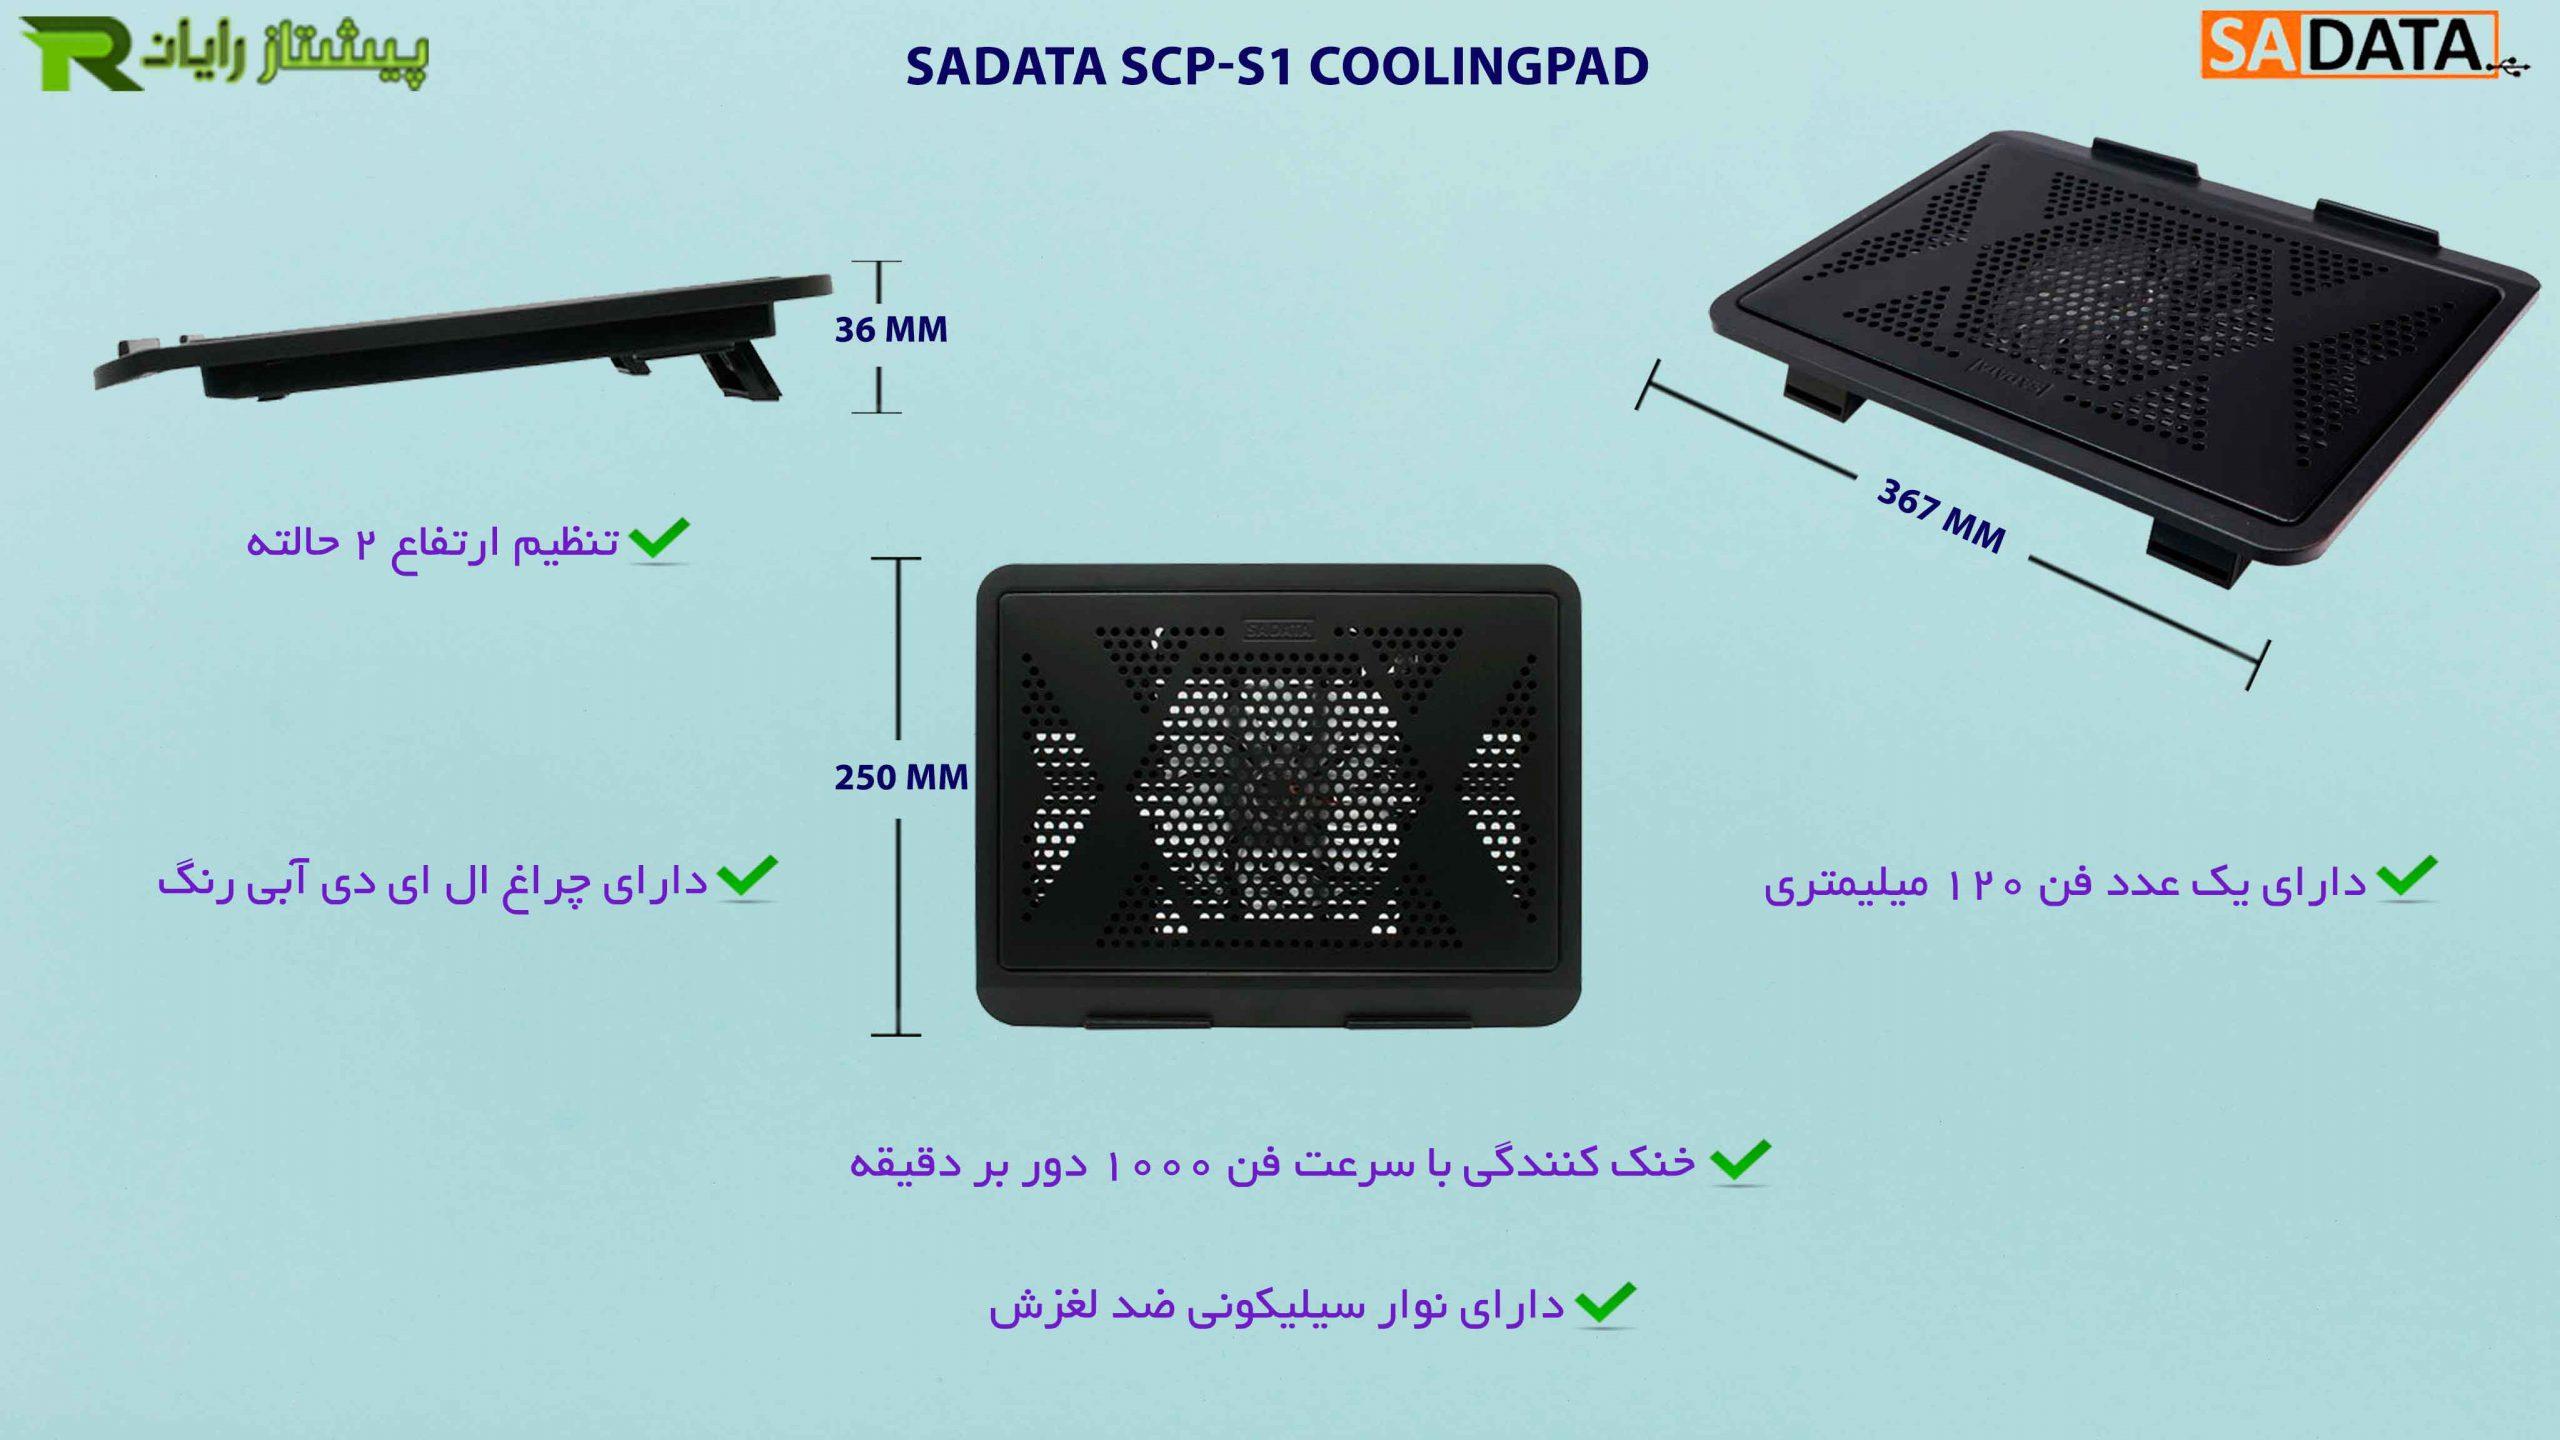 مشخصات کولپد سادیتا SCP-S1